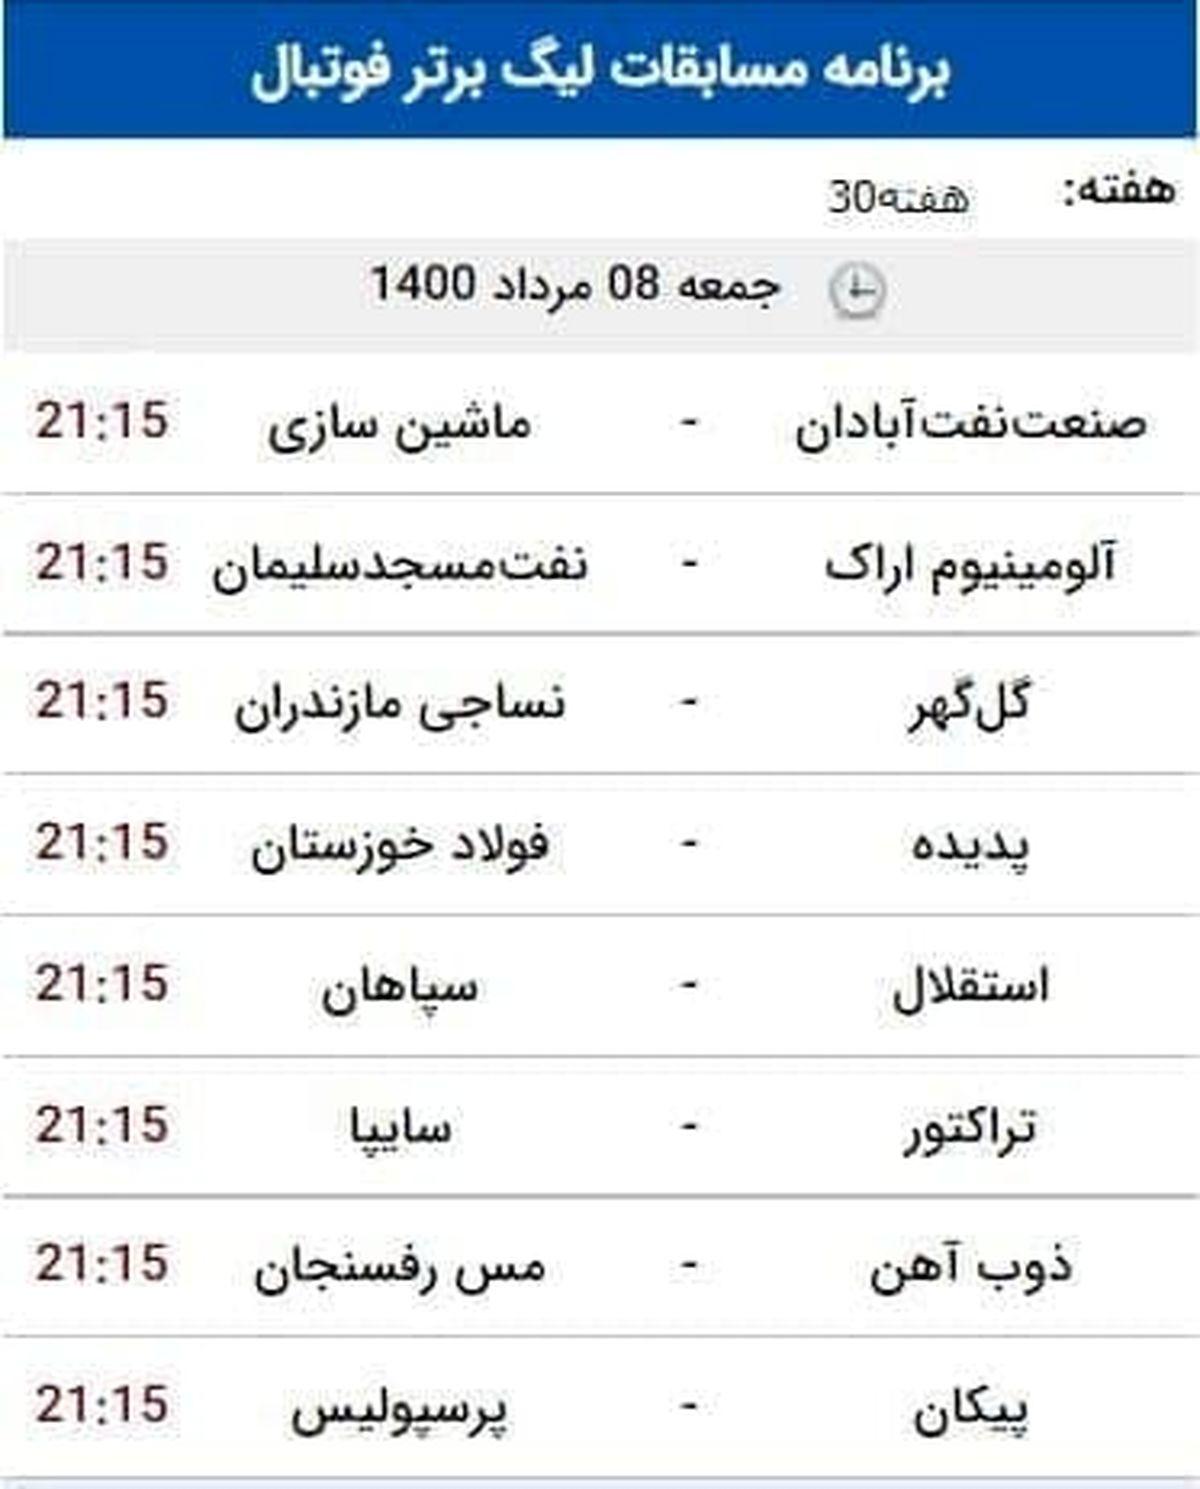 برنامه دیدارهای هفته سیام لیگ برتر فوتبال